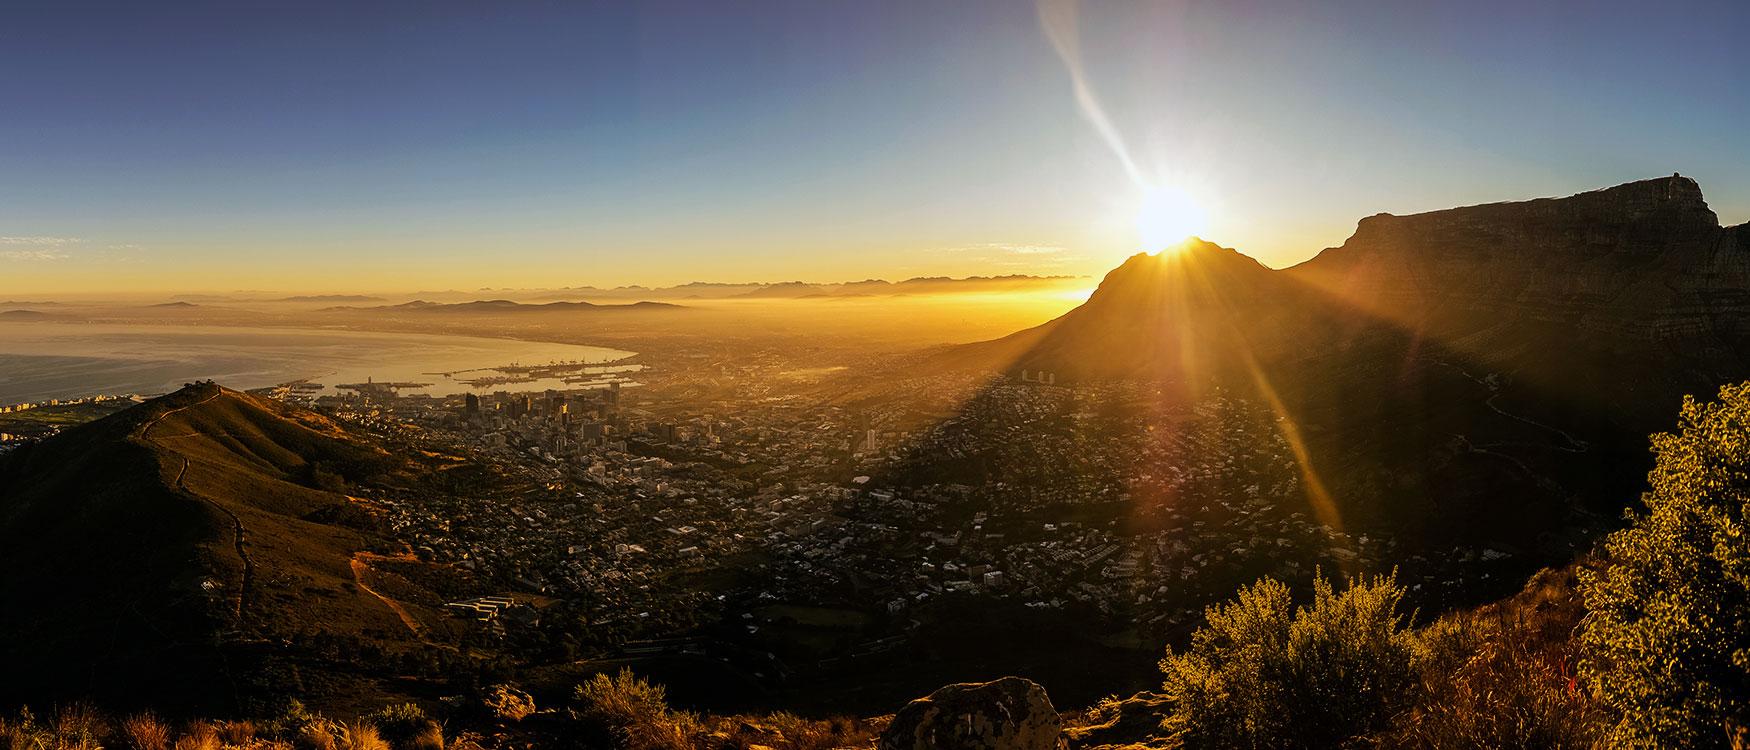 Kapstadt Sehenswürdigkeiten: Diese Highlights solltest du nicht verpassen!